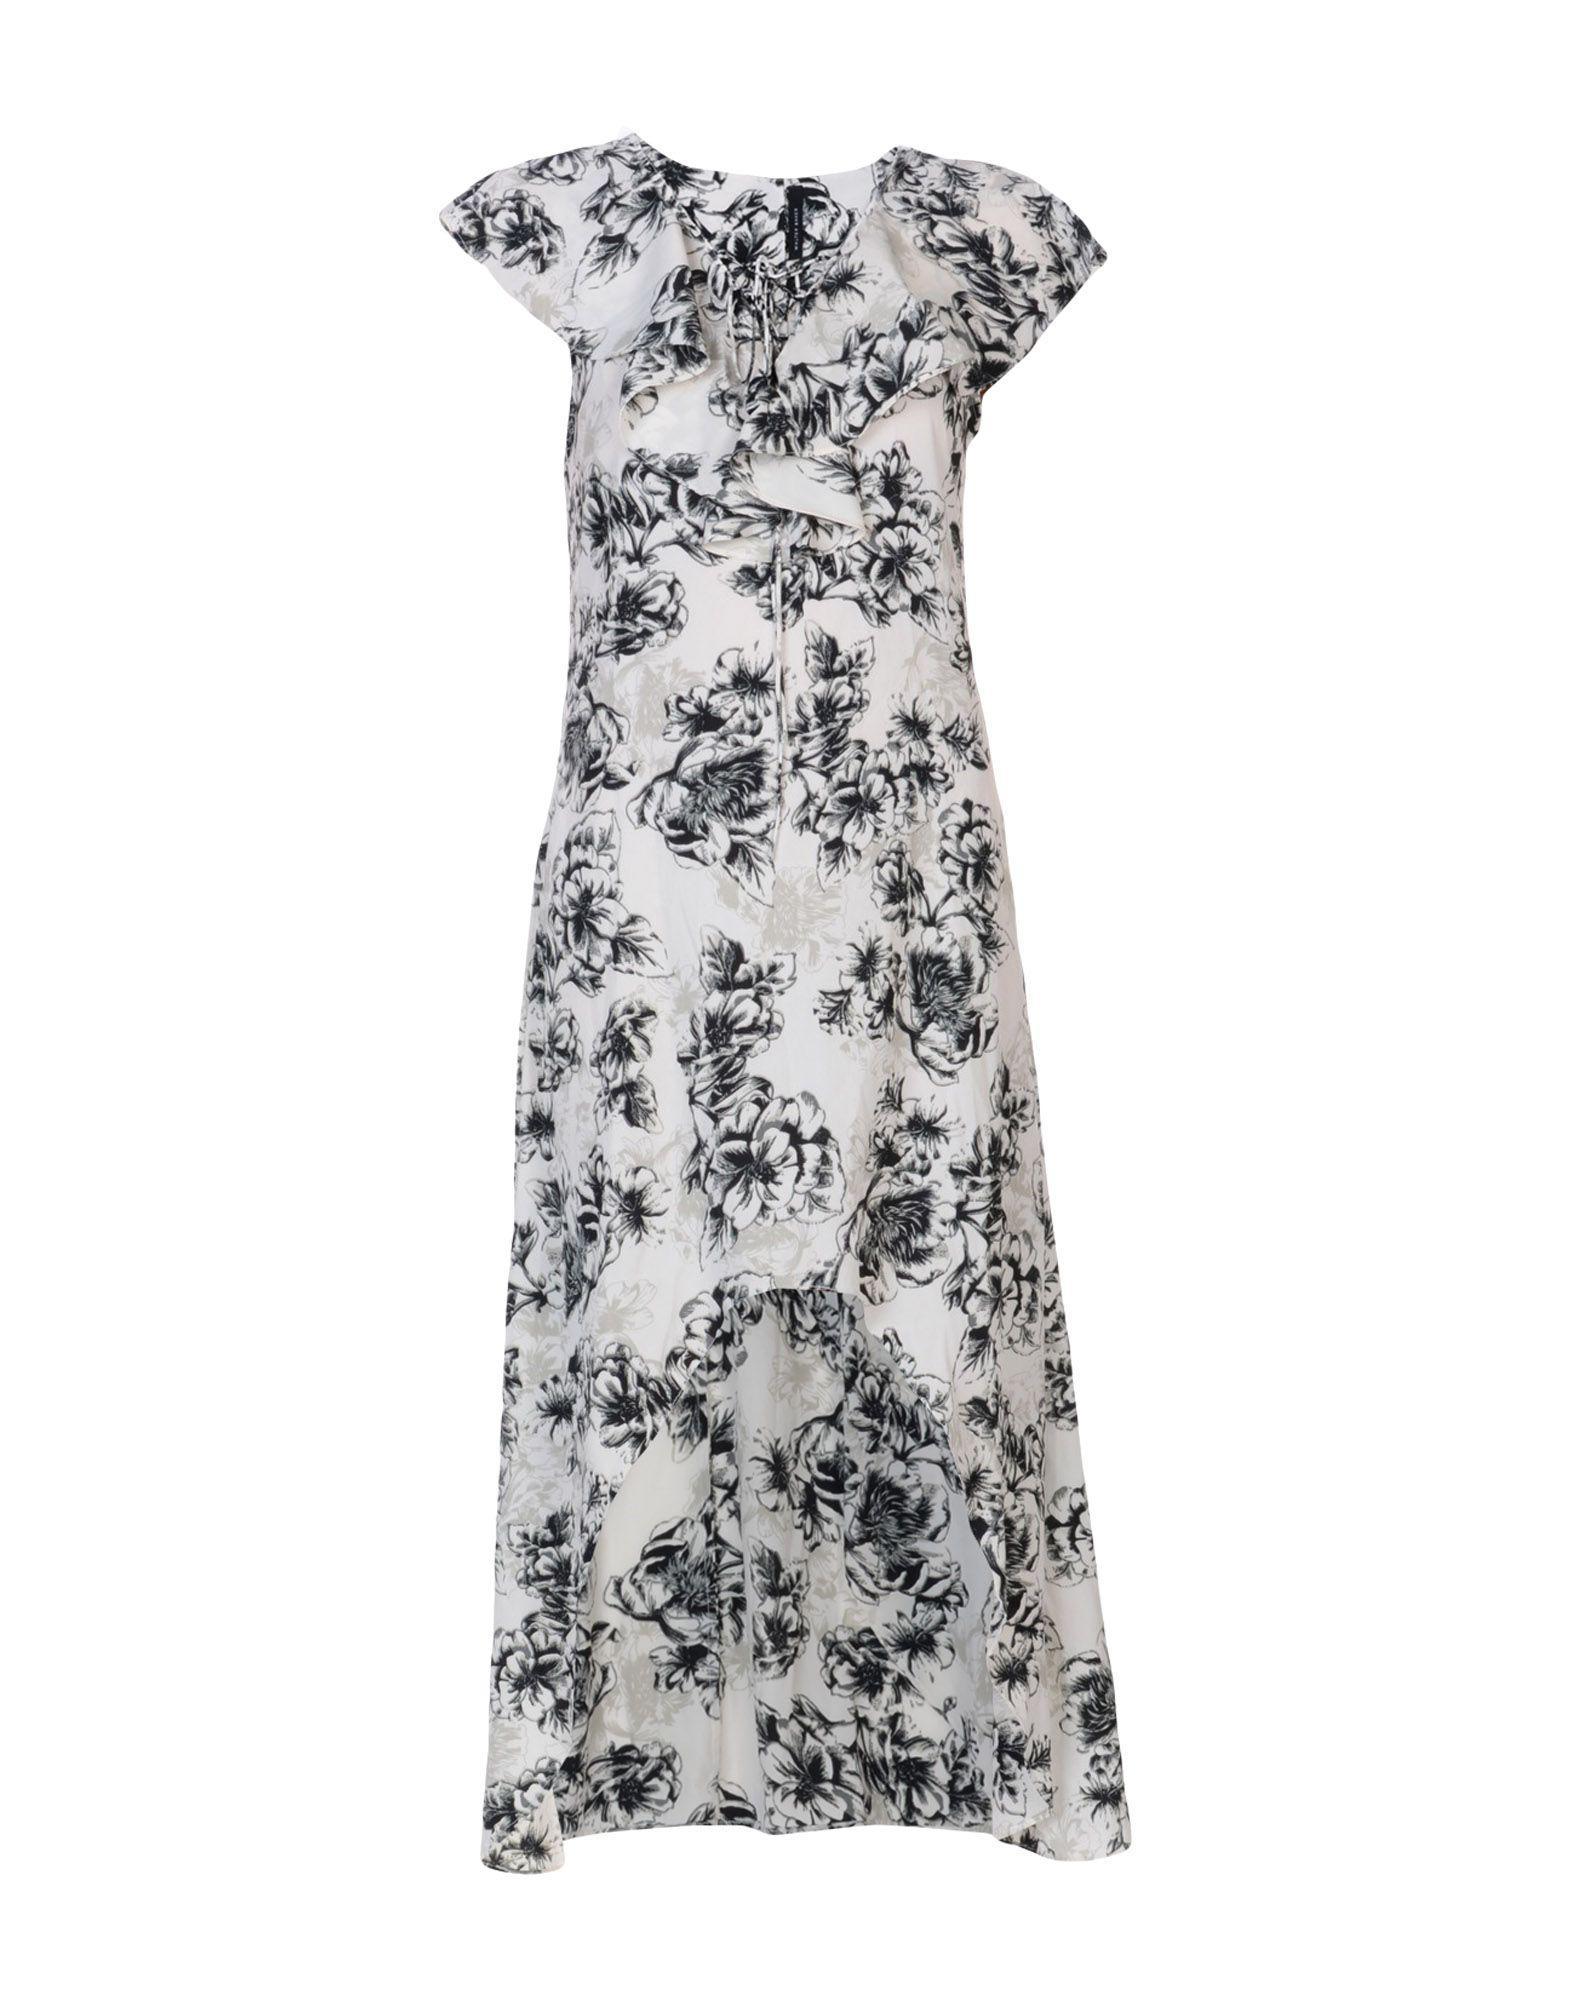 DRESSES - 3/4 length dresses Walter Baker SGHYgSDHpy